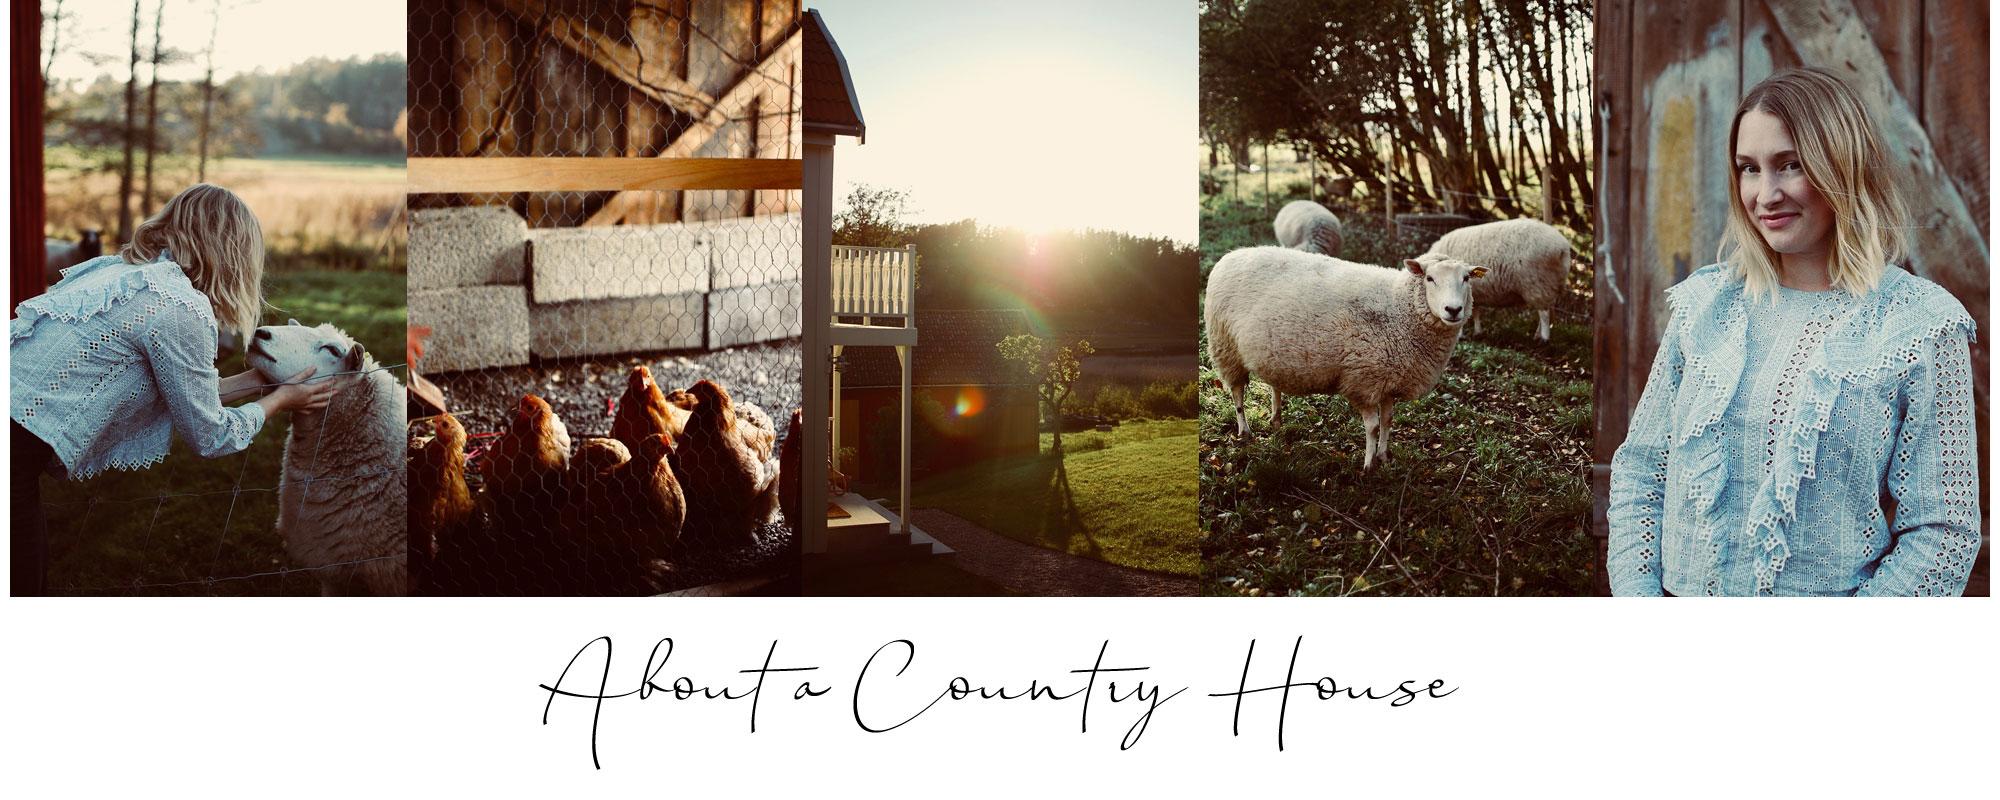 About a Country House - Mot ett hållbart liv